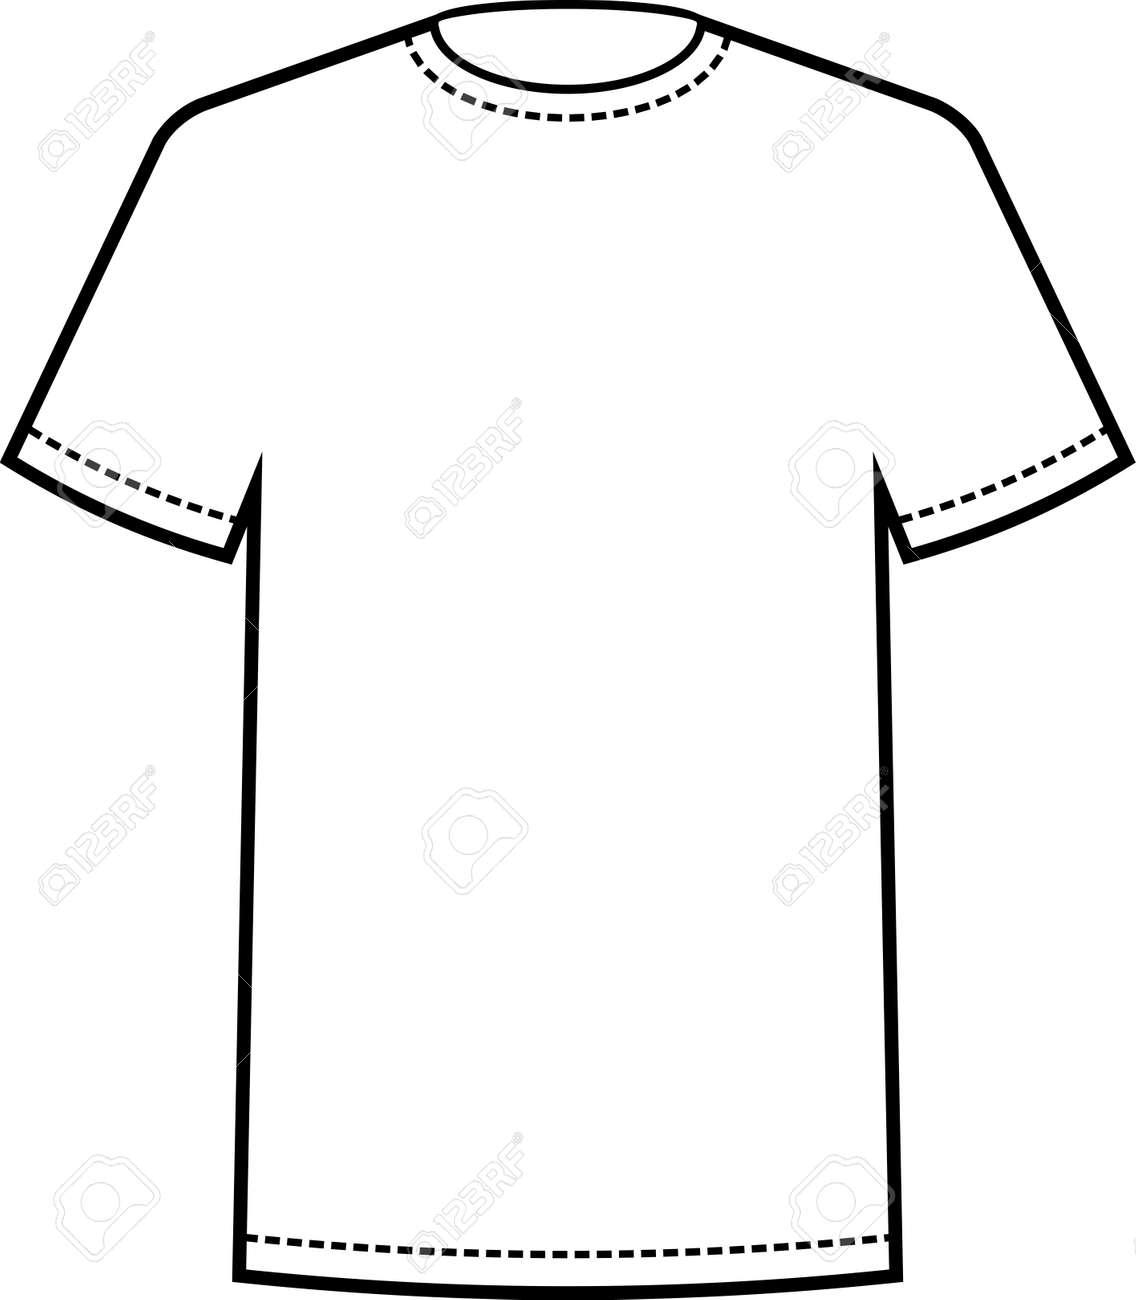 Leere Weiße T-Shirt-Vorlage Vektor Lizenzfrei Nutzbare ...